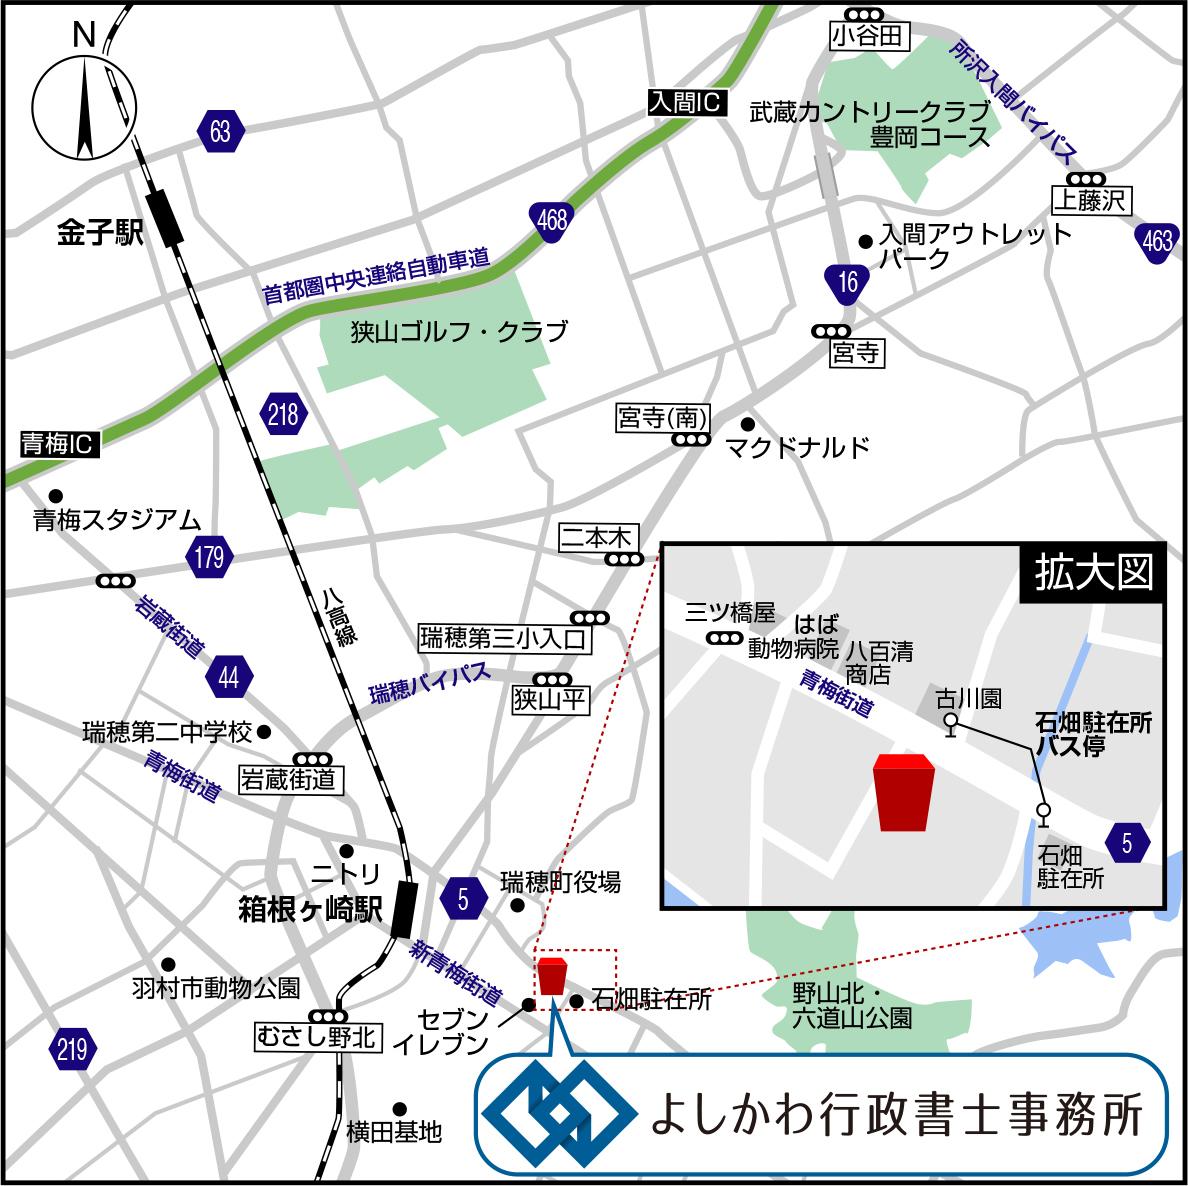 よしかわ行政書士事務所地図